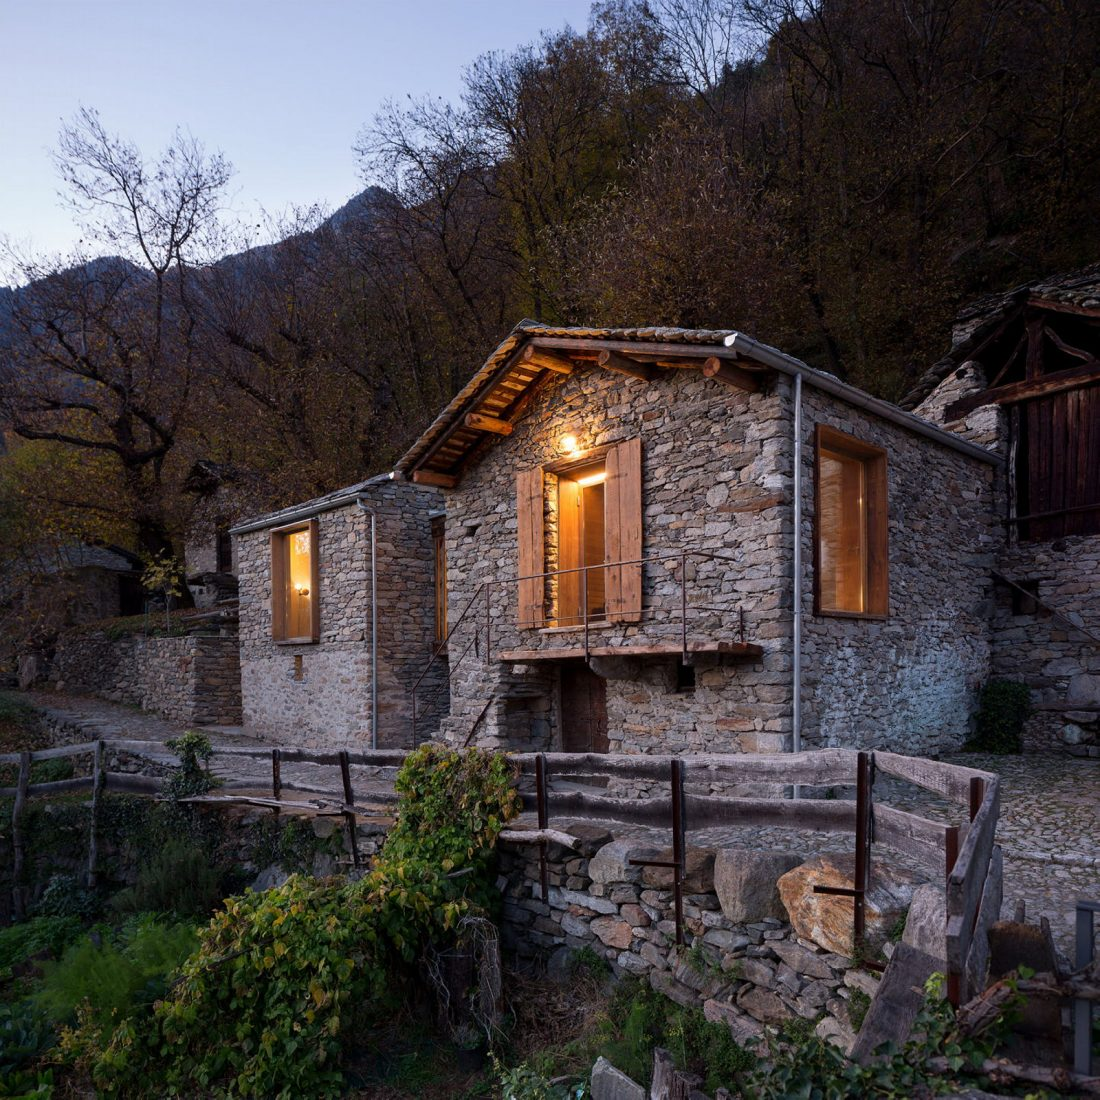 Реставрация старинного дома 16 века в Швейцарии по проекту Vudafieri Saverino Partners 1